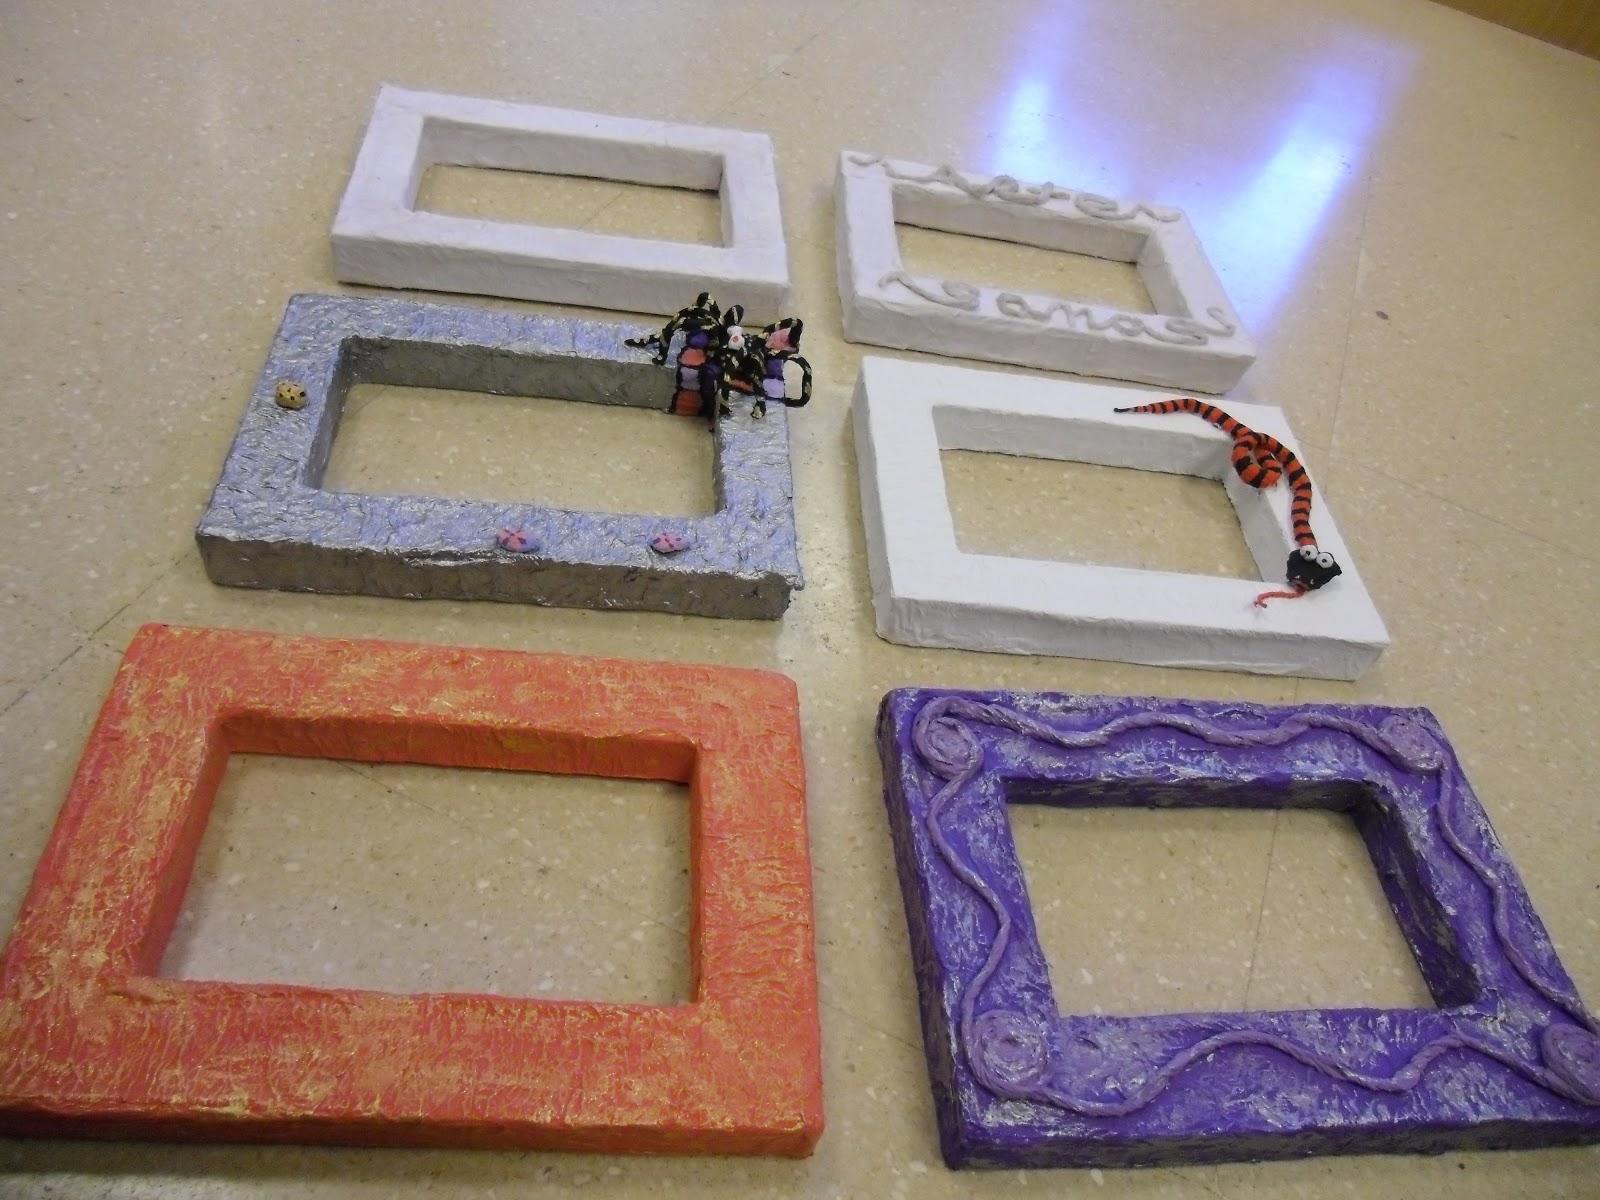 Arte-Sanas!: Volumen y color a nuestros marcos